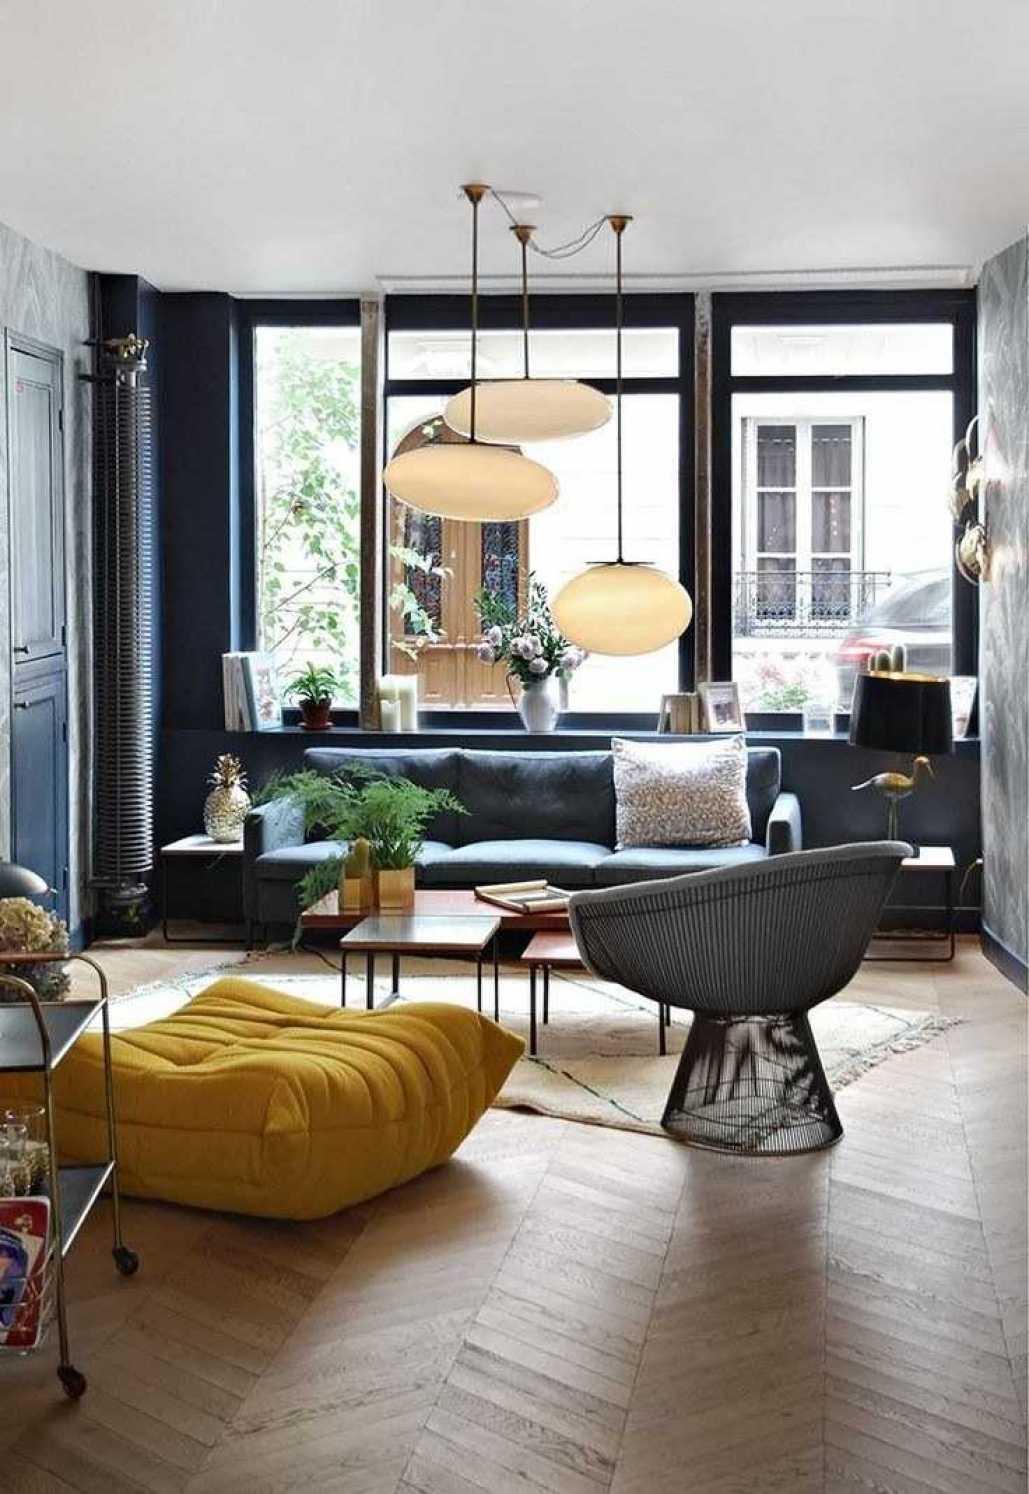 Idée Jardin Moderne Impressionnant Collection Idees Decos Maison Avec Id E D Co Salon Pas Cher 2017 Et Beau Idees